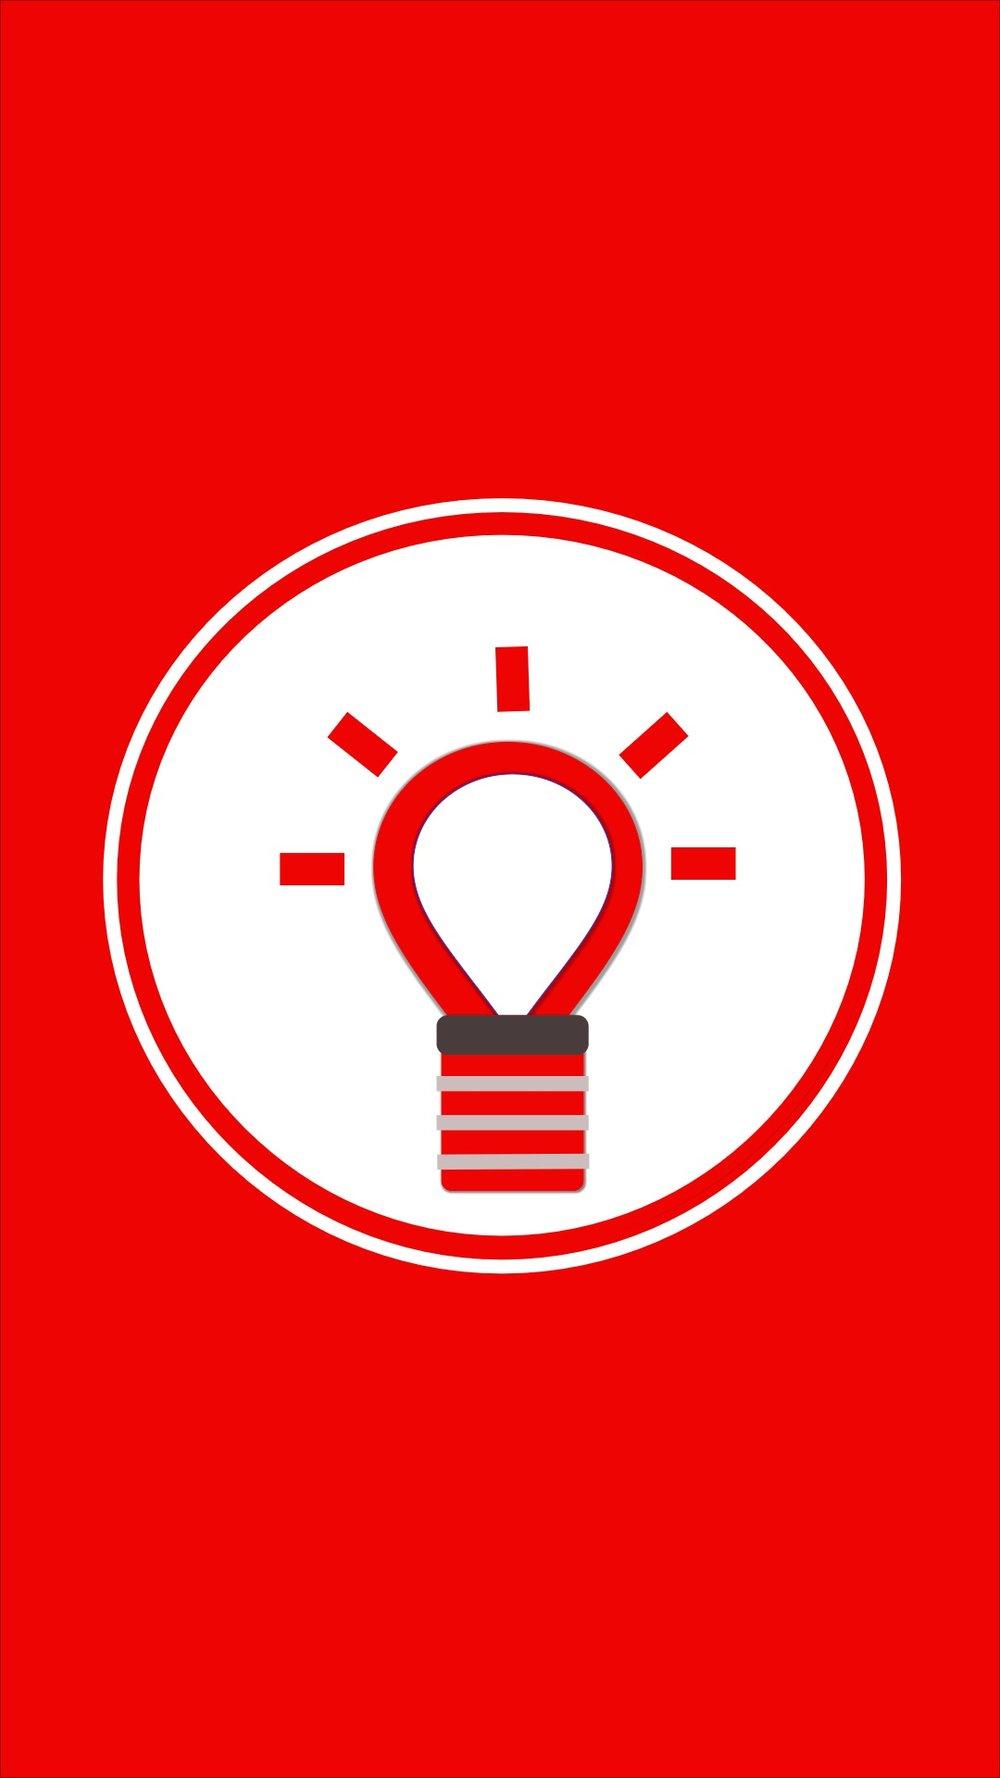 Instagram-cover-lightbulb-red-lotnotes.jpg